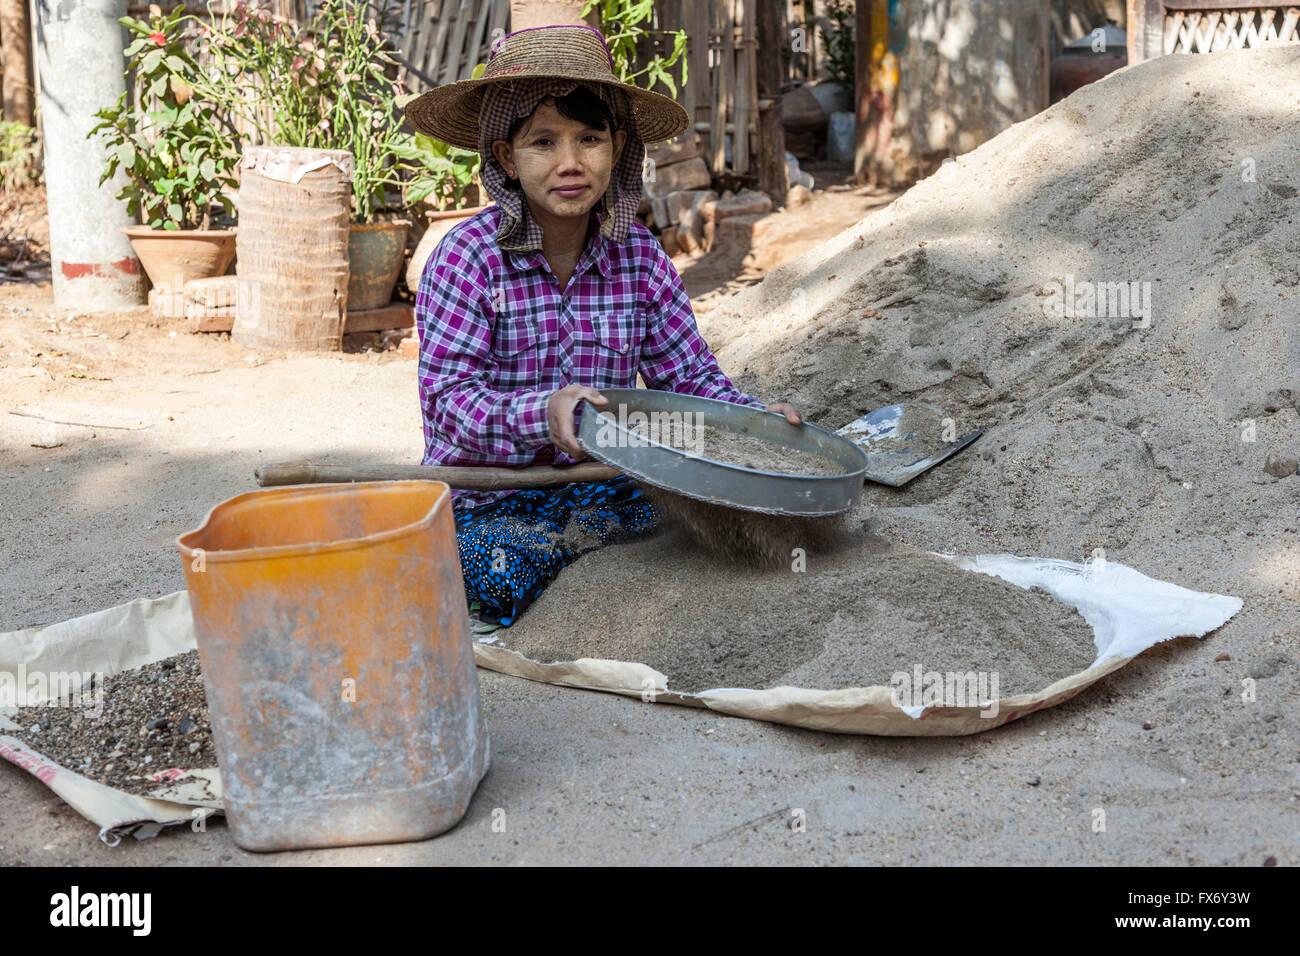 En Nueva Bagan, un aprendiz joven preparando el mortero para obreros en un sitio de construcción (Myanmar). Imagen De Stock